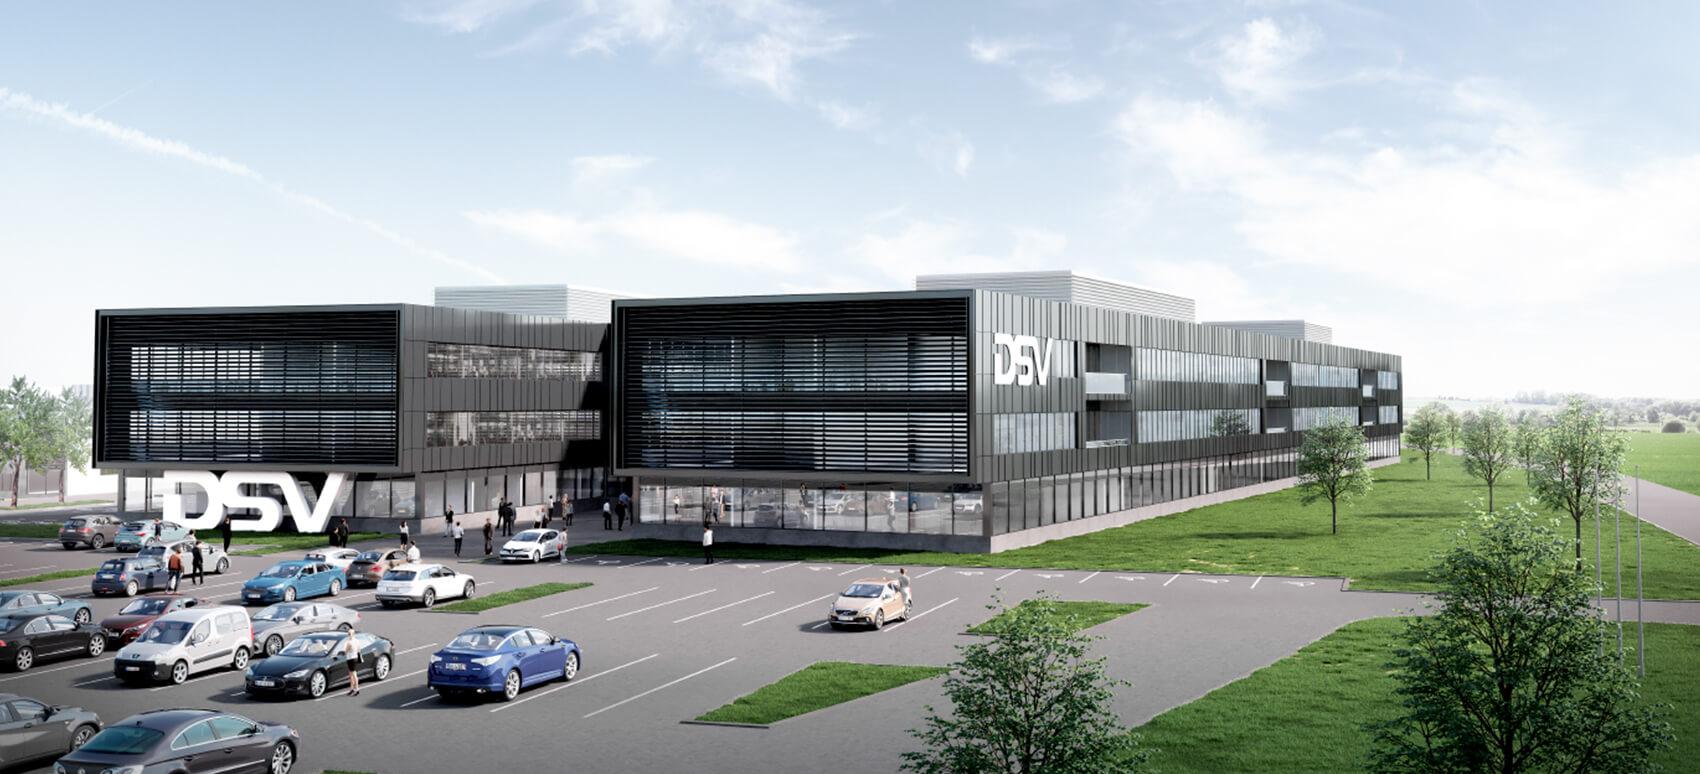 DSV opfører Europas største logistikcenter ved Horsens